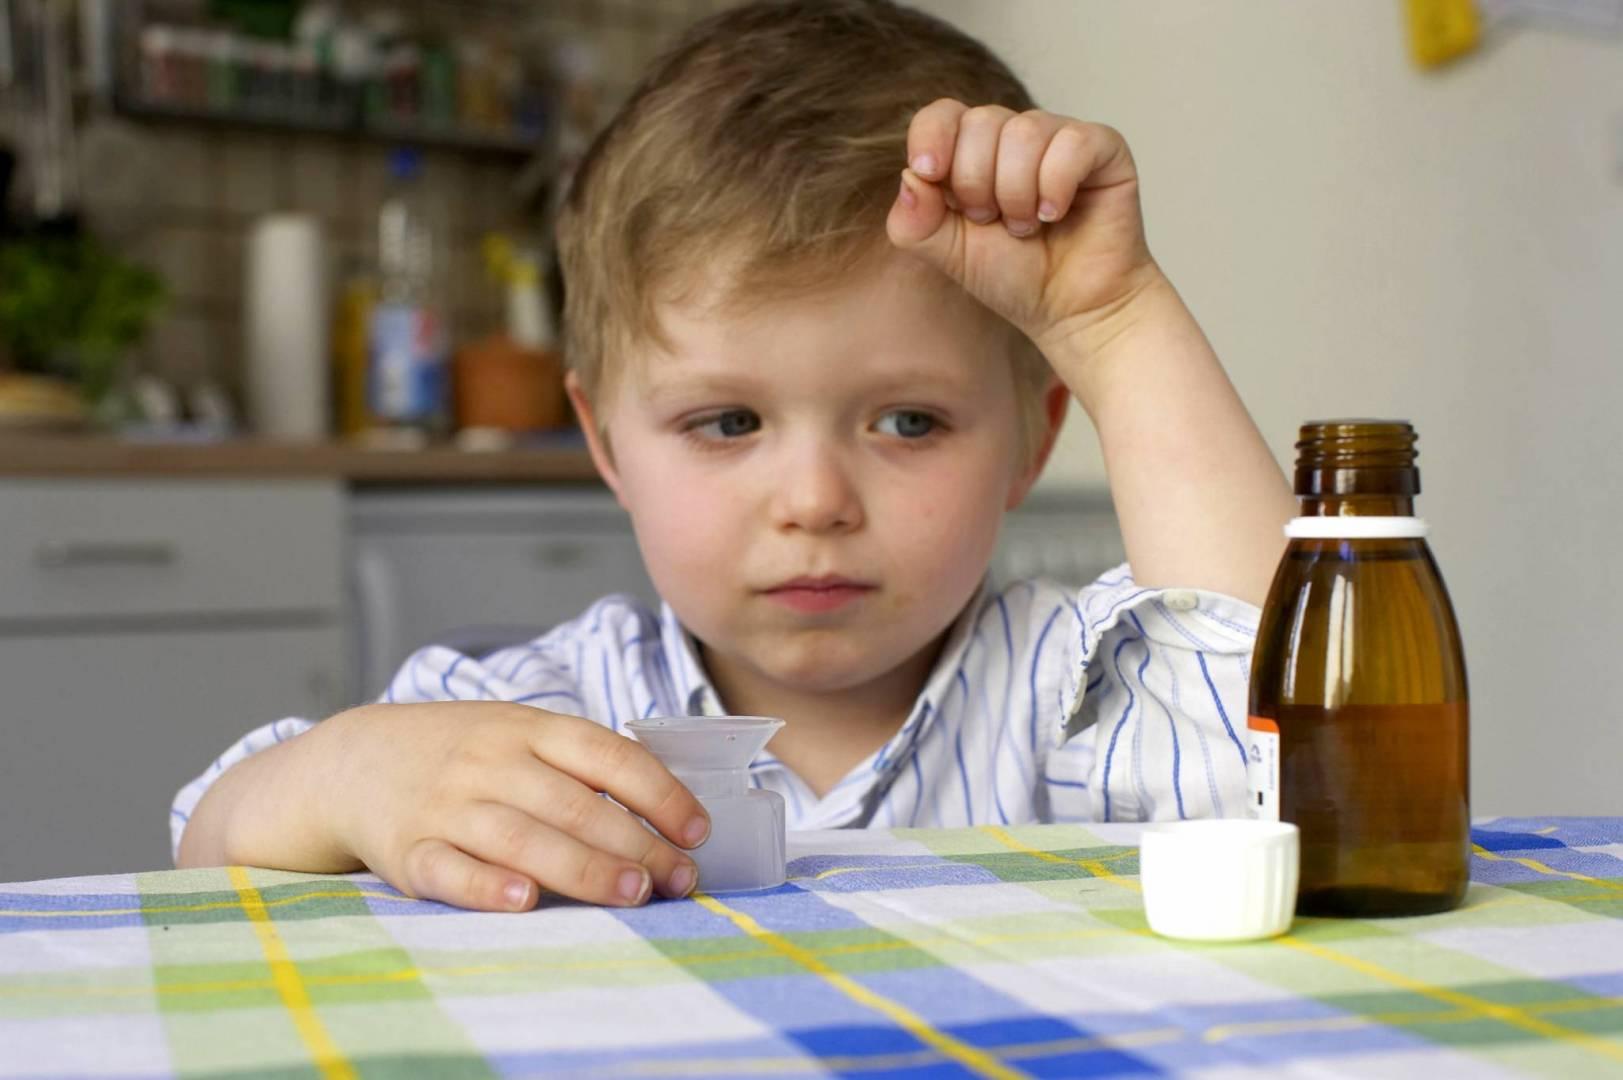 «الملعقة المنزلية» ترفع خطر تعاطي جرعة زائدة